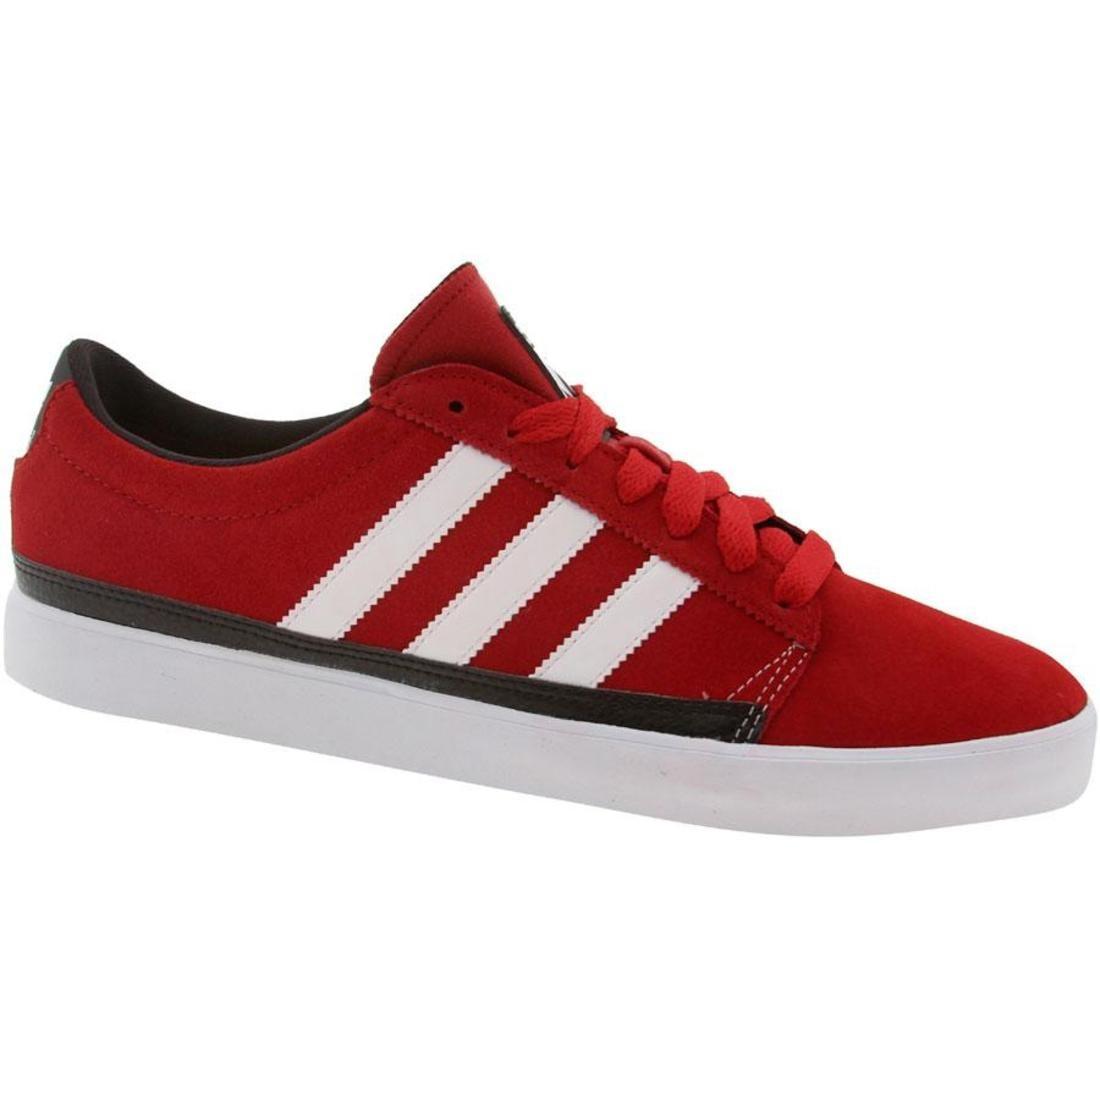 Incierto Artista trono  Adidas Skate Rayado Low (university red / runninwhite / black)